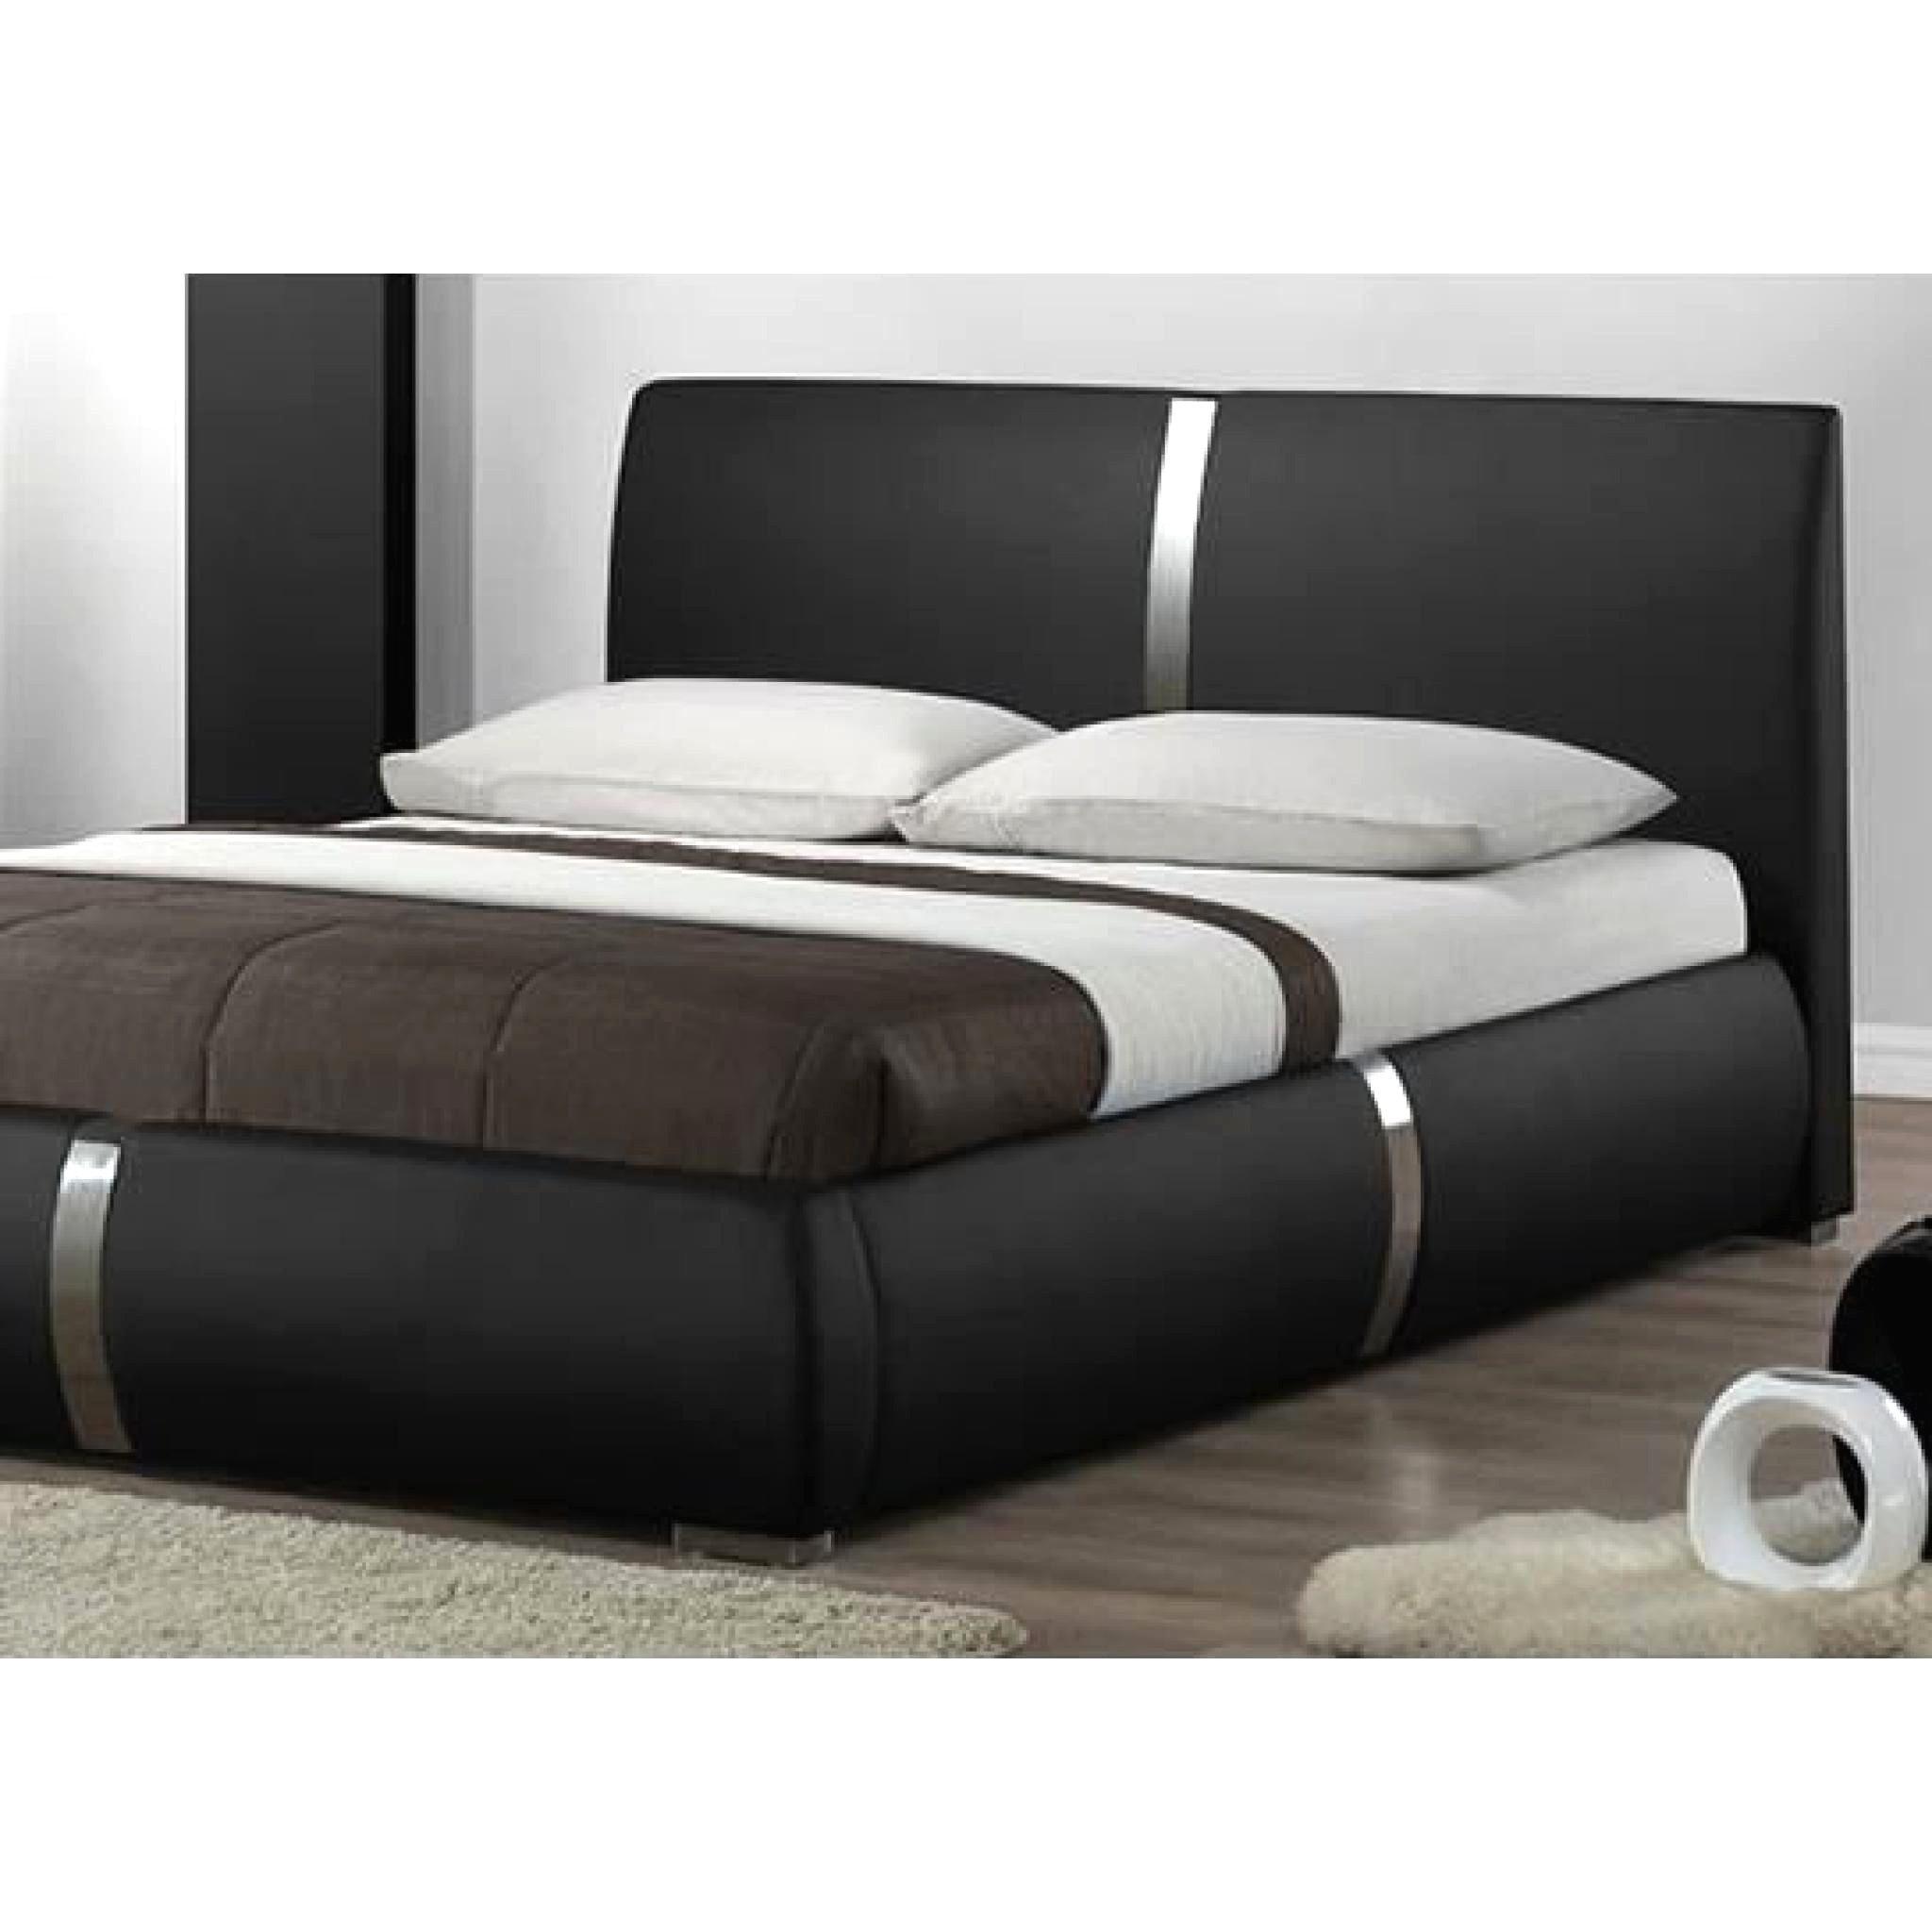 Lit 160×200 Led Bel Gorgeous Design Lit Noir 65 org Avec Charming Ideas Lit Design Noir